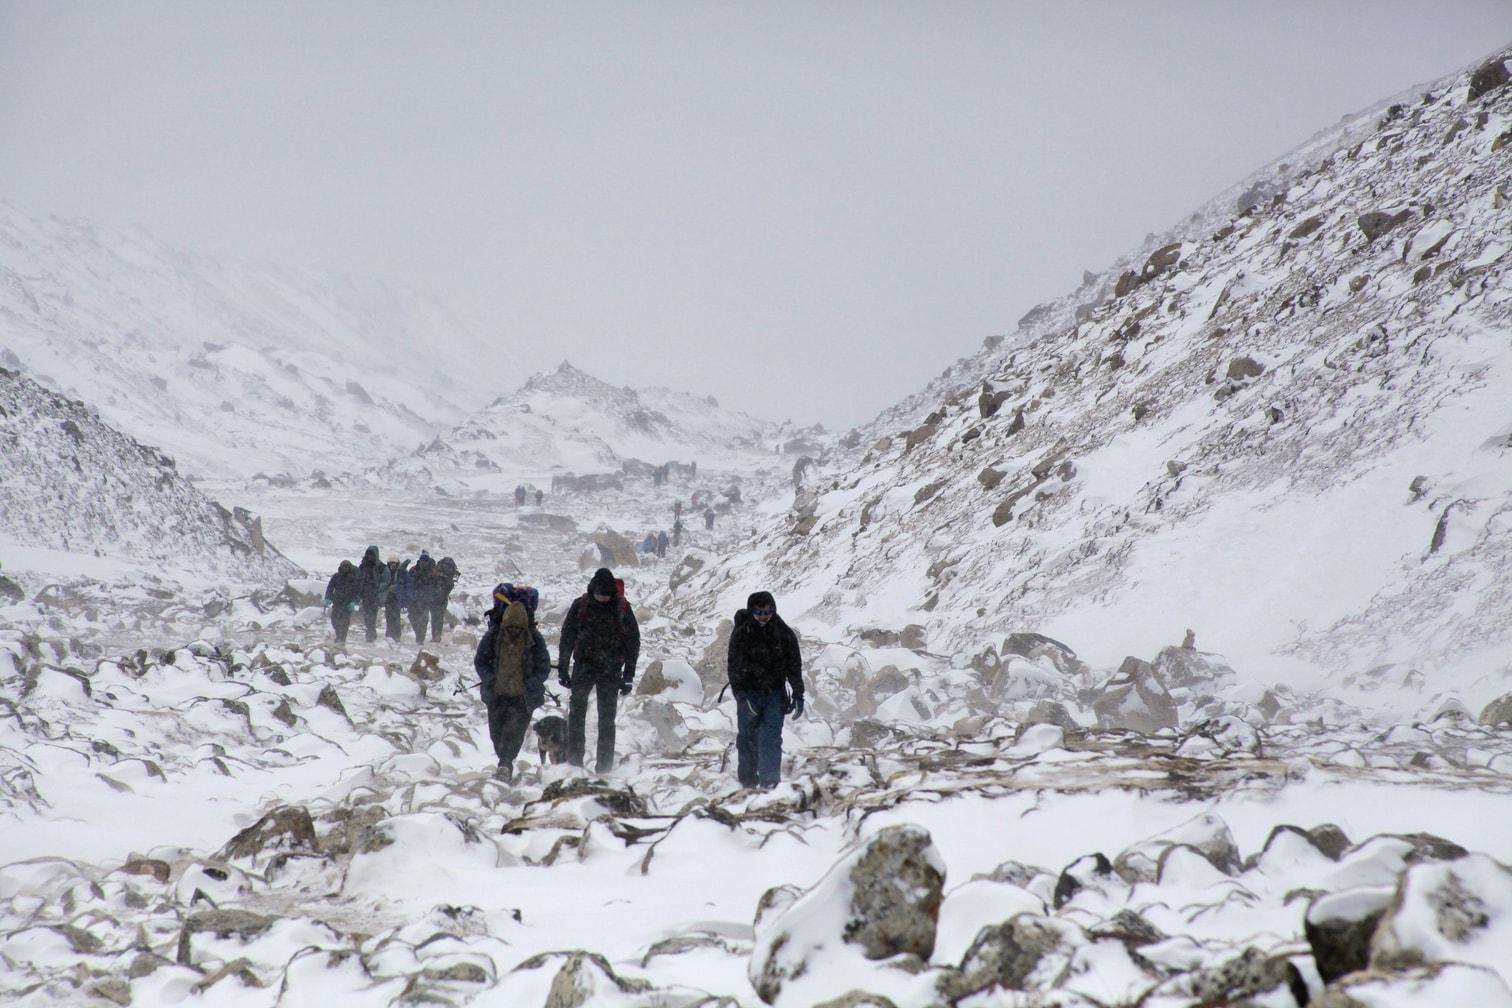 Foto: dpa/Tashi Sherpa